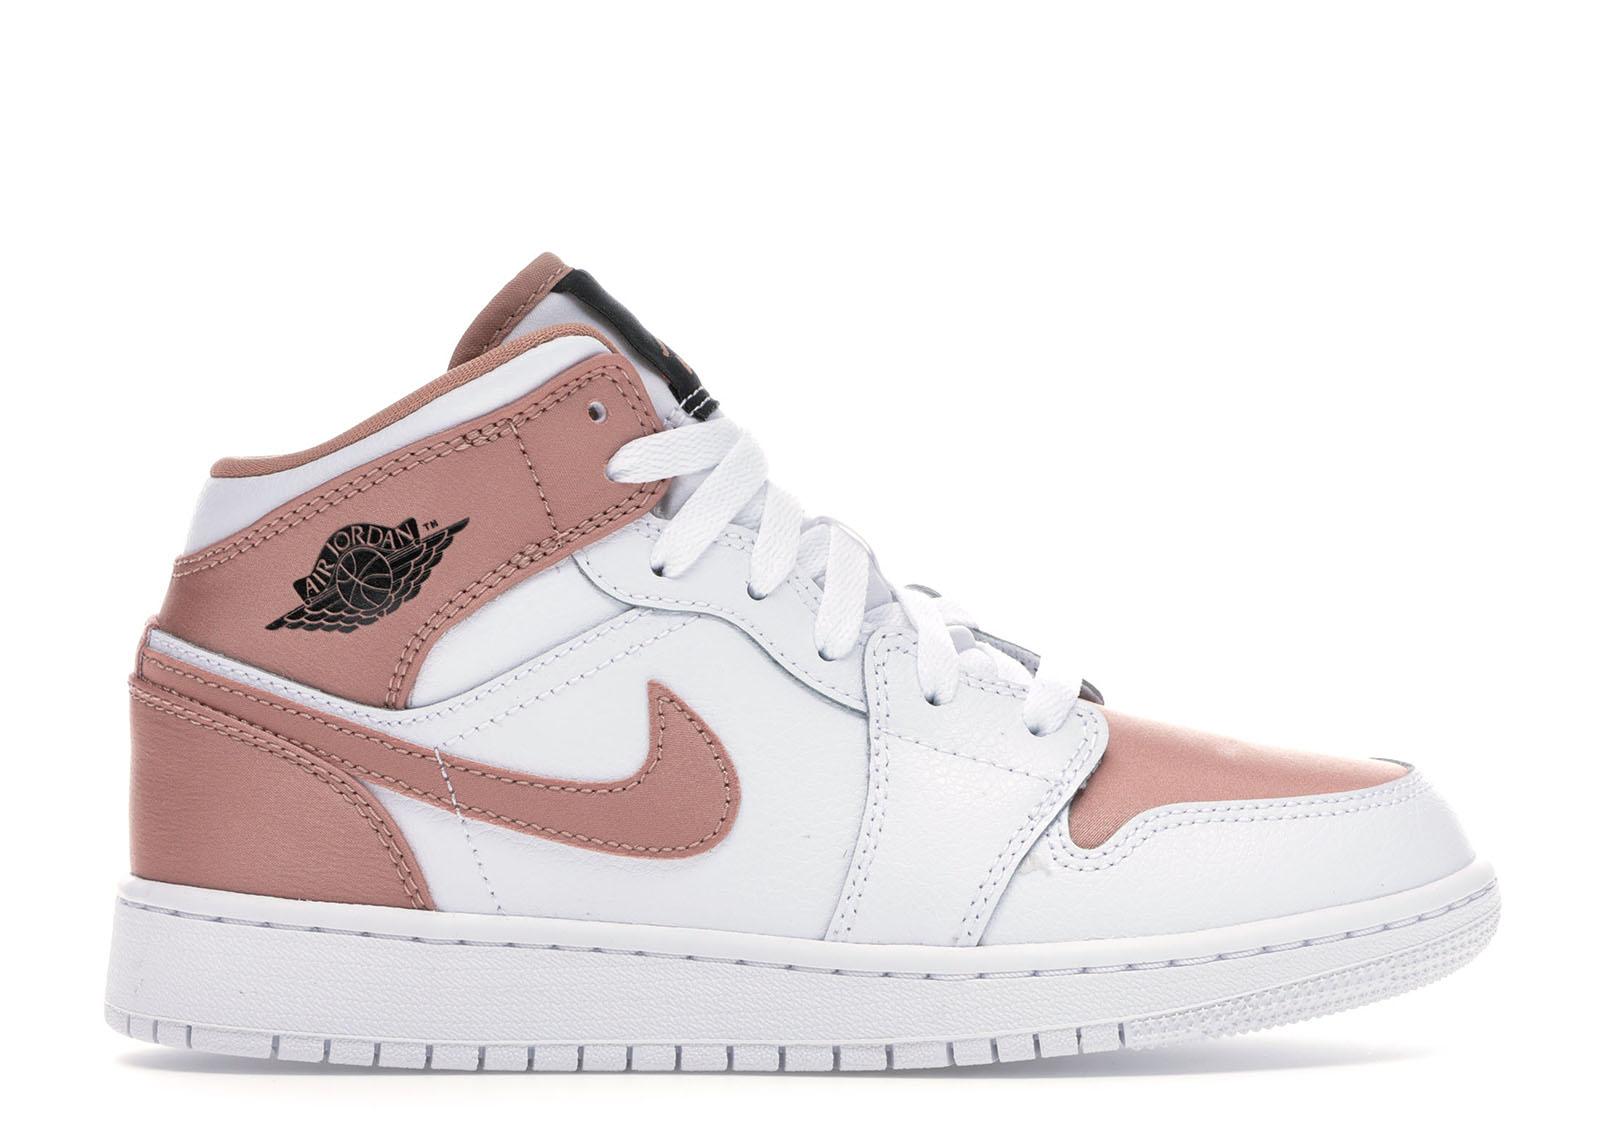 Jordan 1 Mid White Rose Gold (GS) - 555112-190